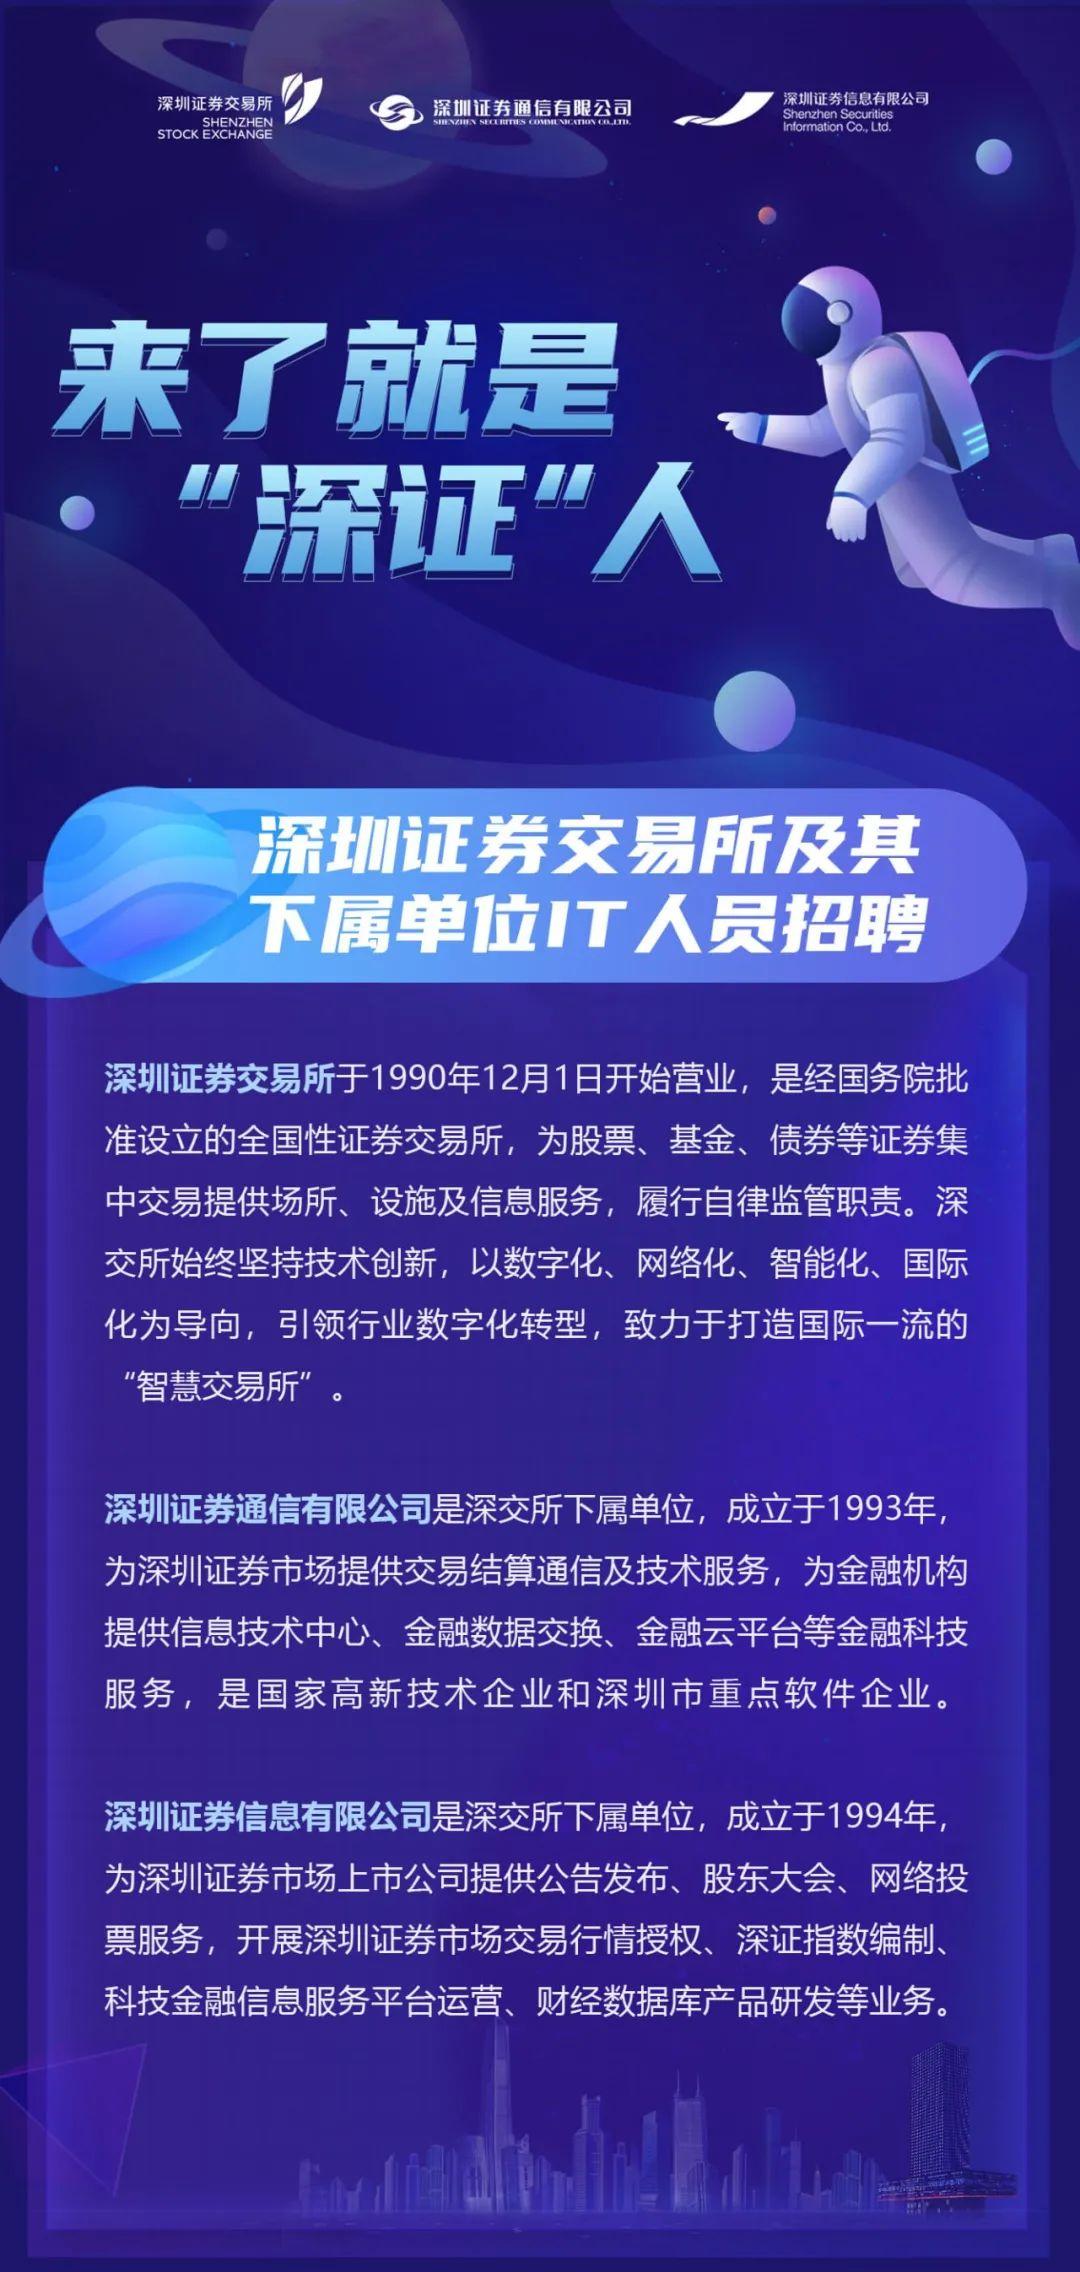 深圳证券交易所及其下属单位2020年度信息技术专业人员招聘启事